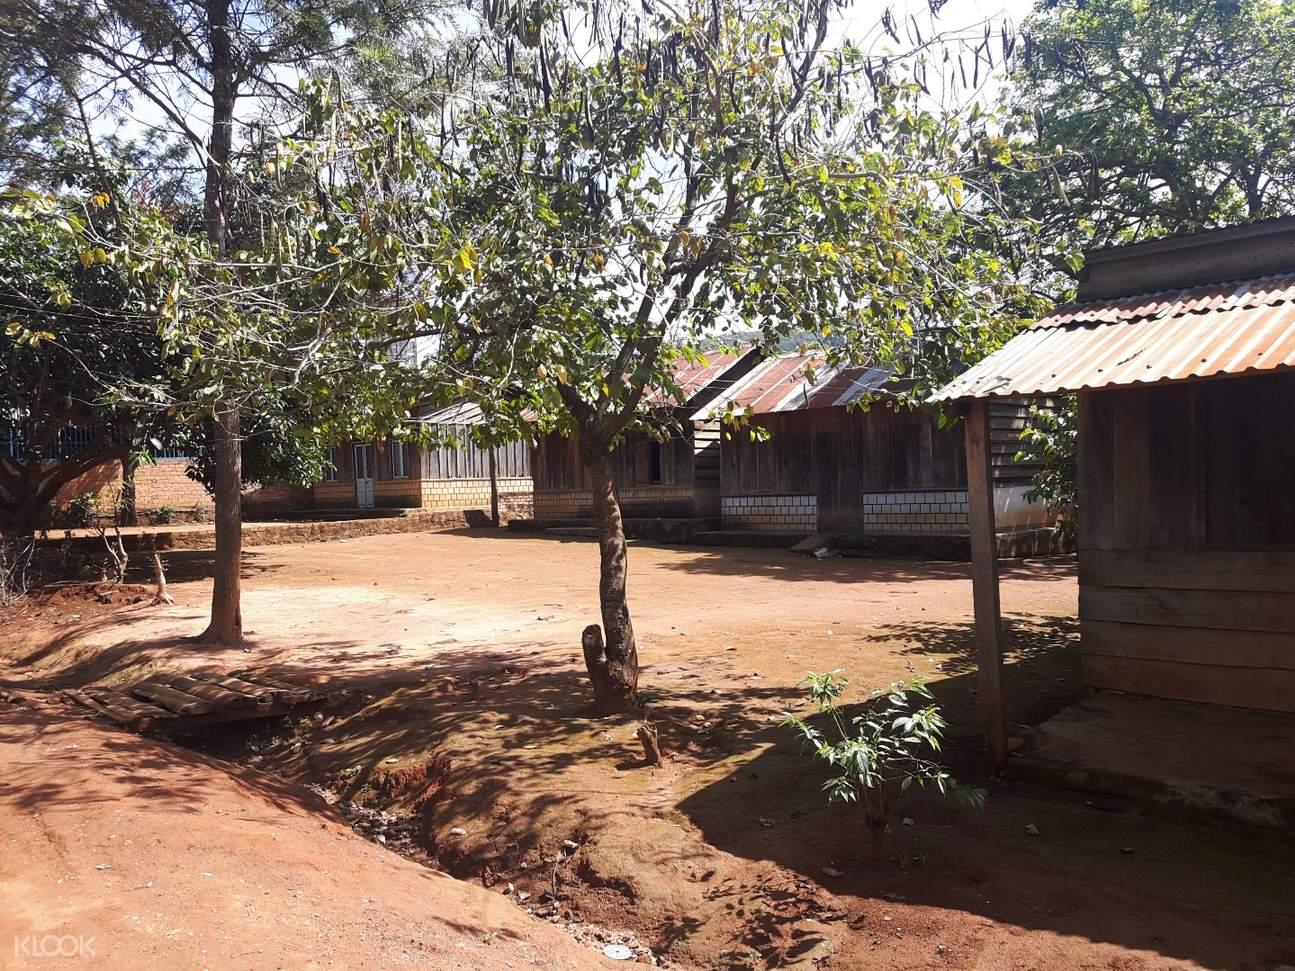 K'ho Lat Village